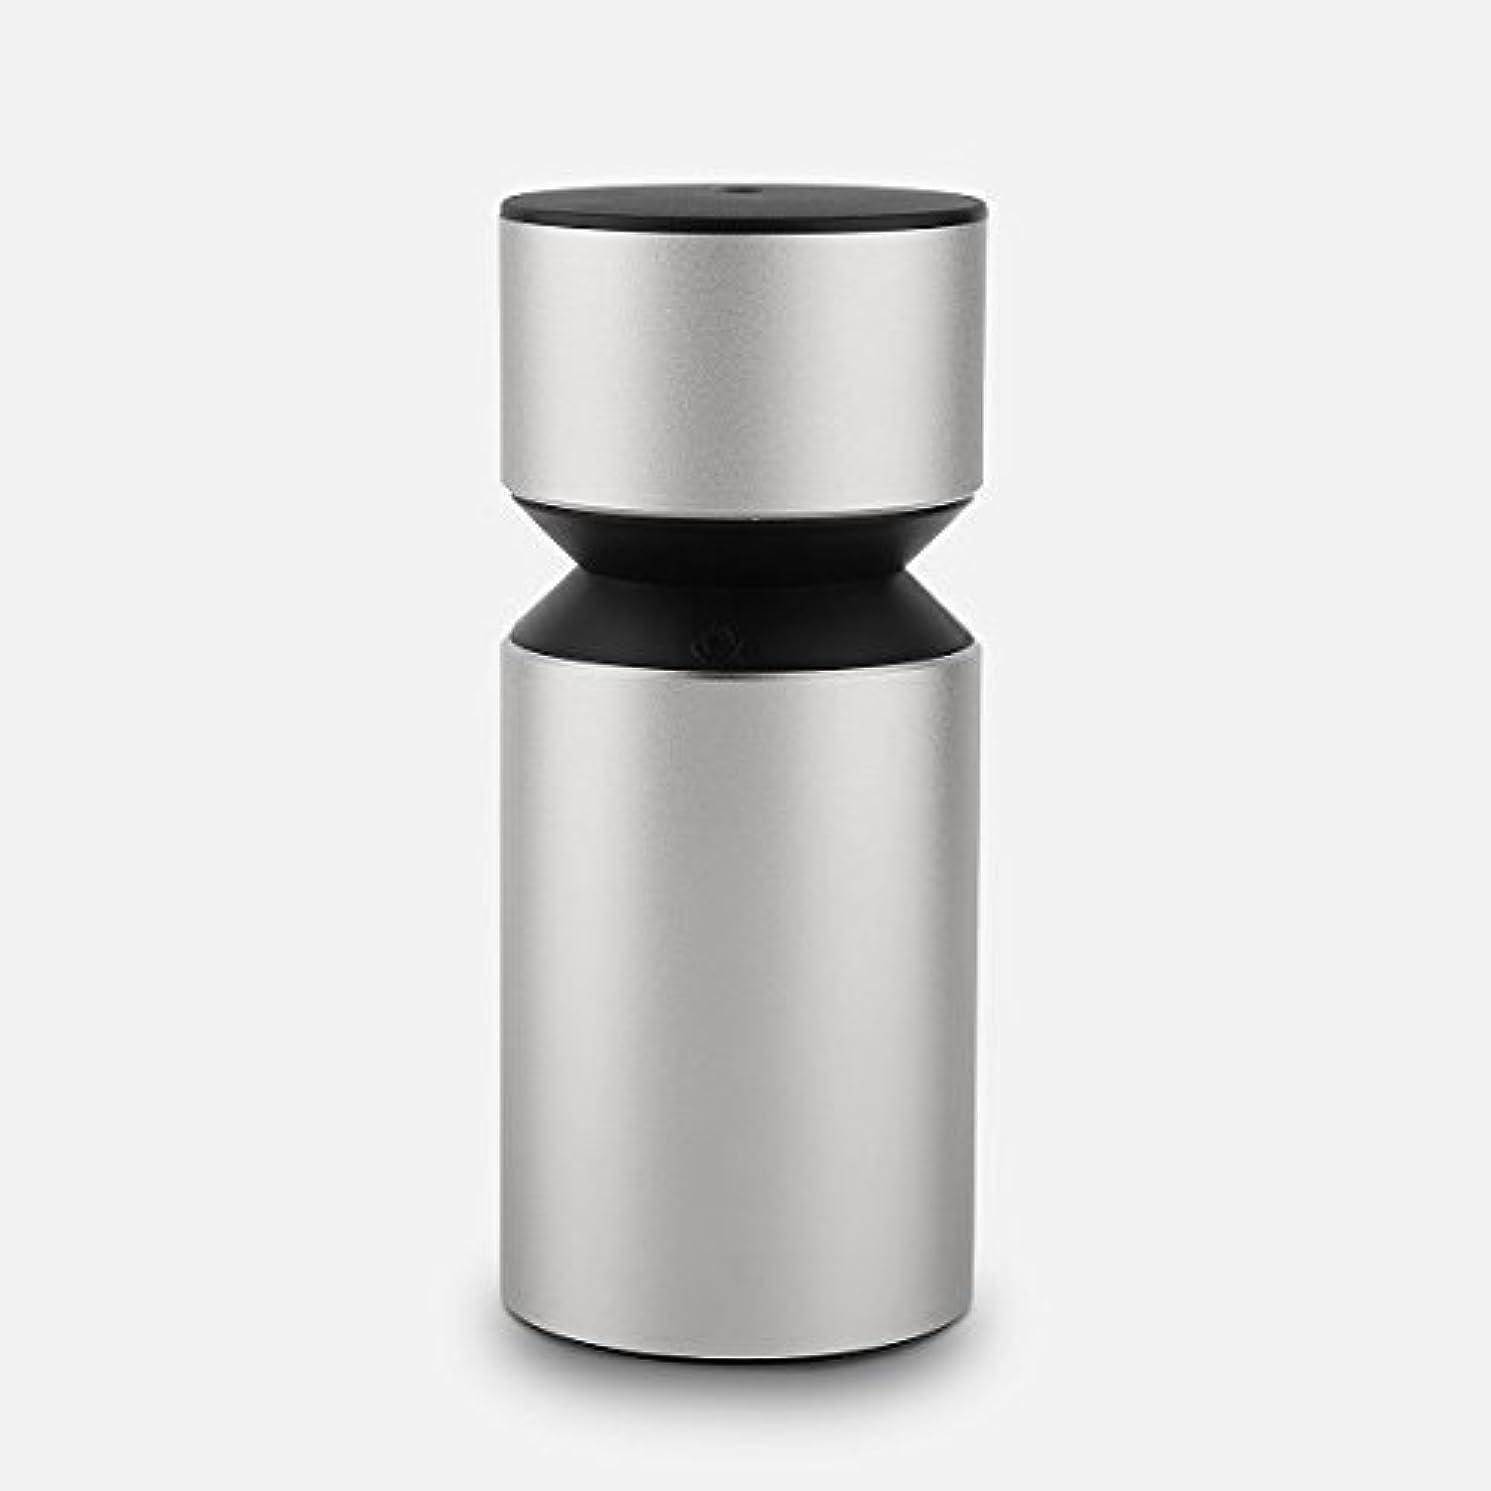 編集するアミューズ静けさBbymieポータブルアロマテラピー純粋なエッセンシャルオイルディフューザーは車/旅行/オフィス/リビングルーム - 空気フレッシュ - ユニークなデザインは安全に使用する - Bpaフリー